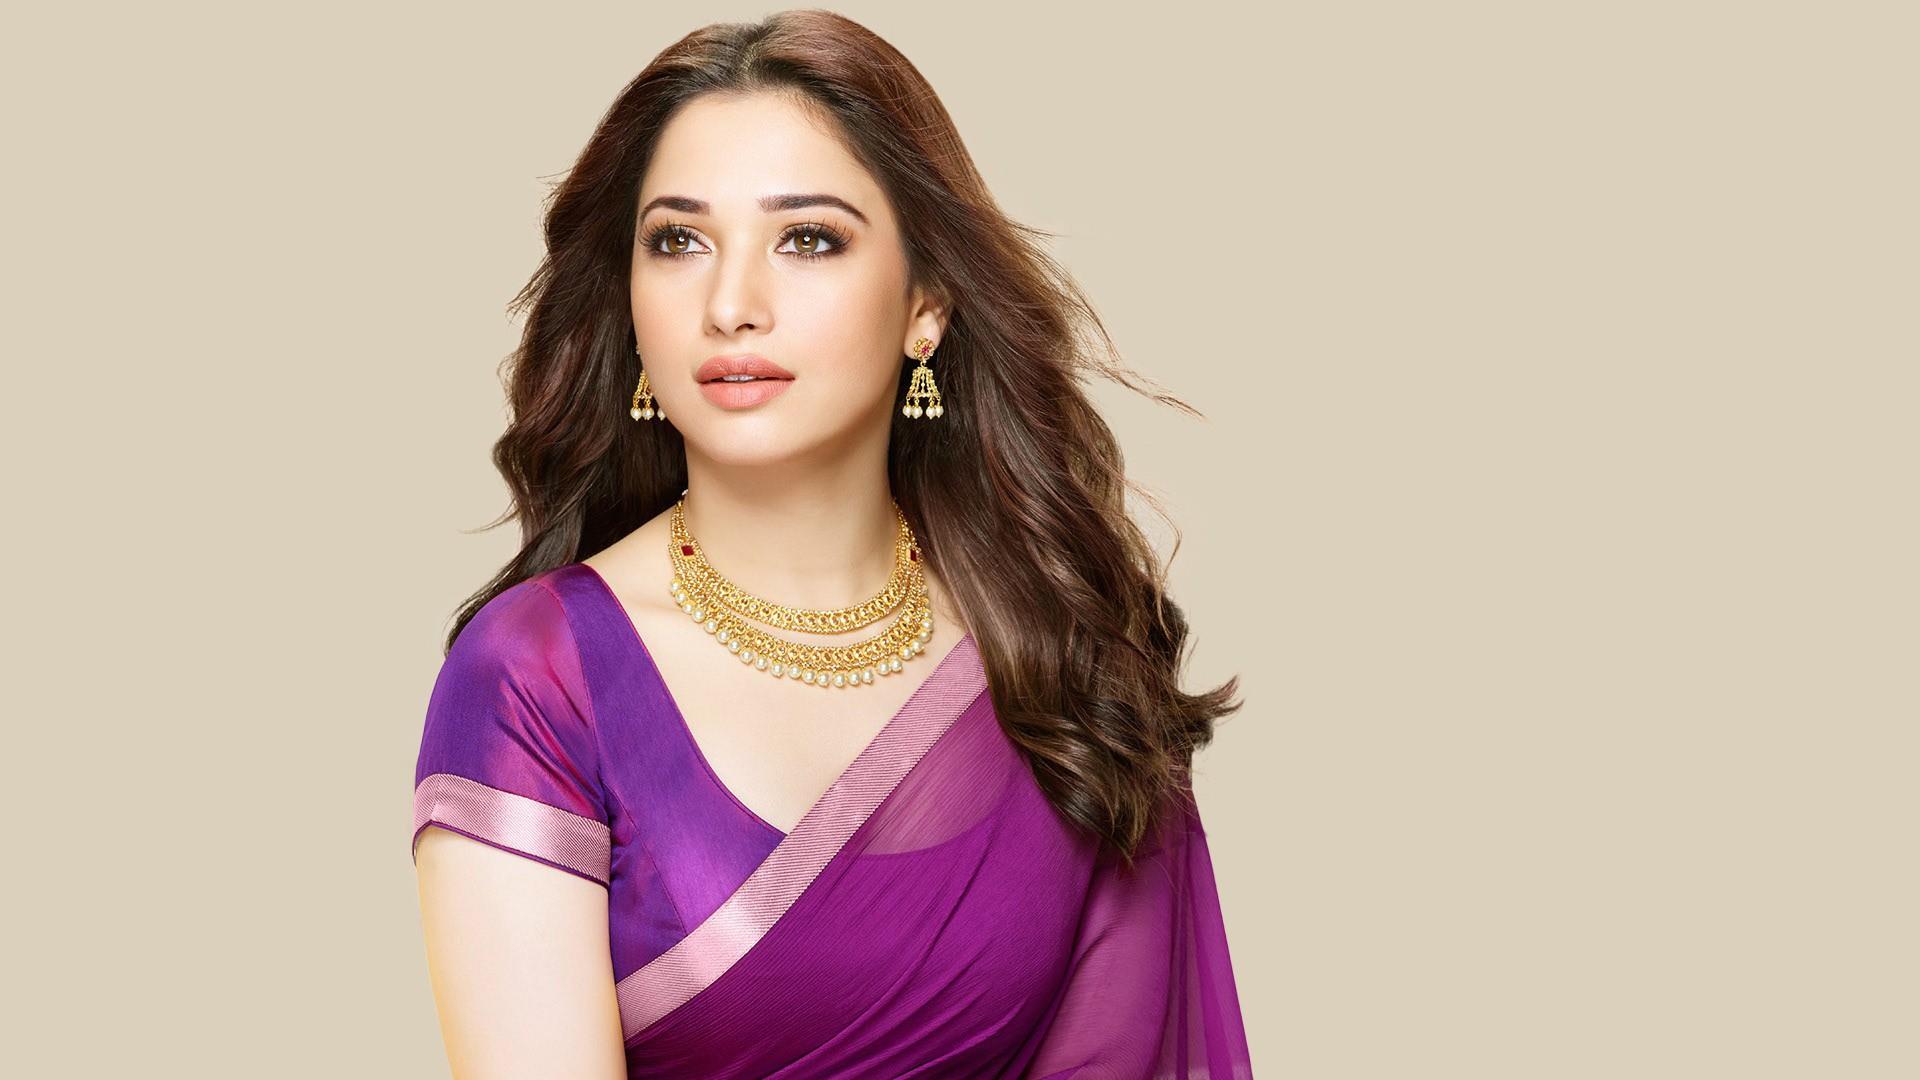 Actress Tamannaah Bhatia Wallpapers